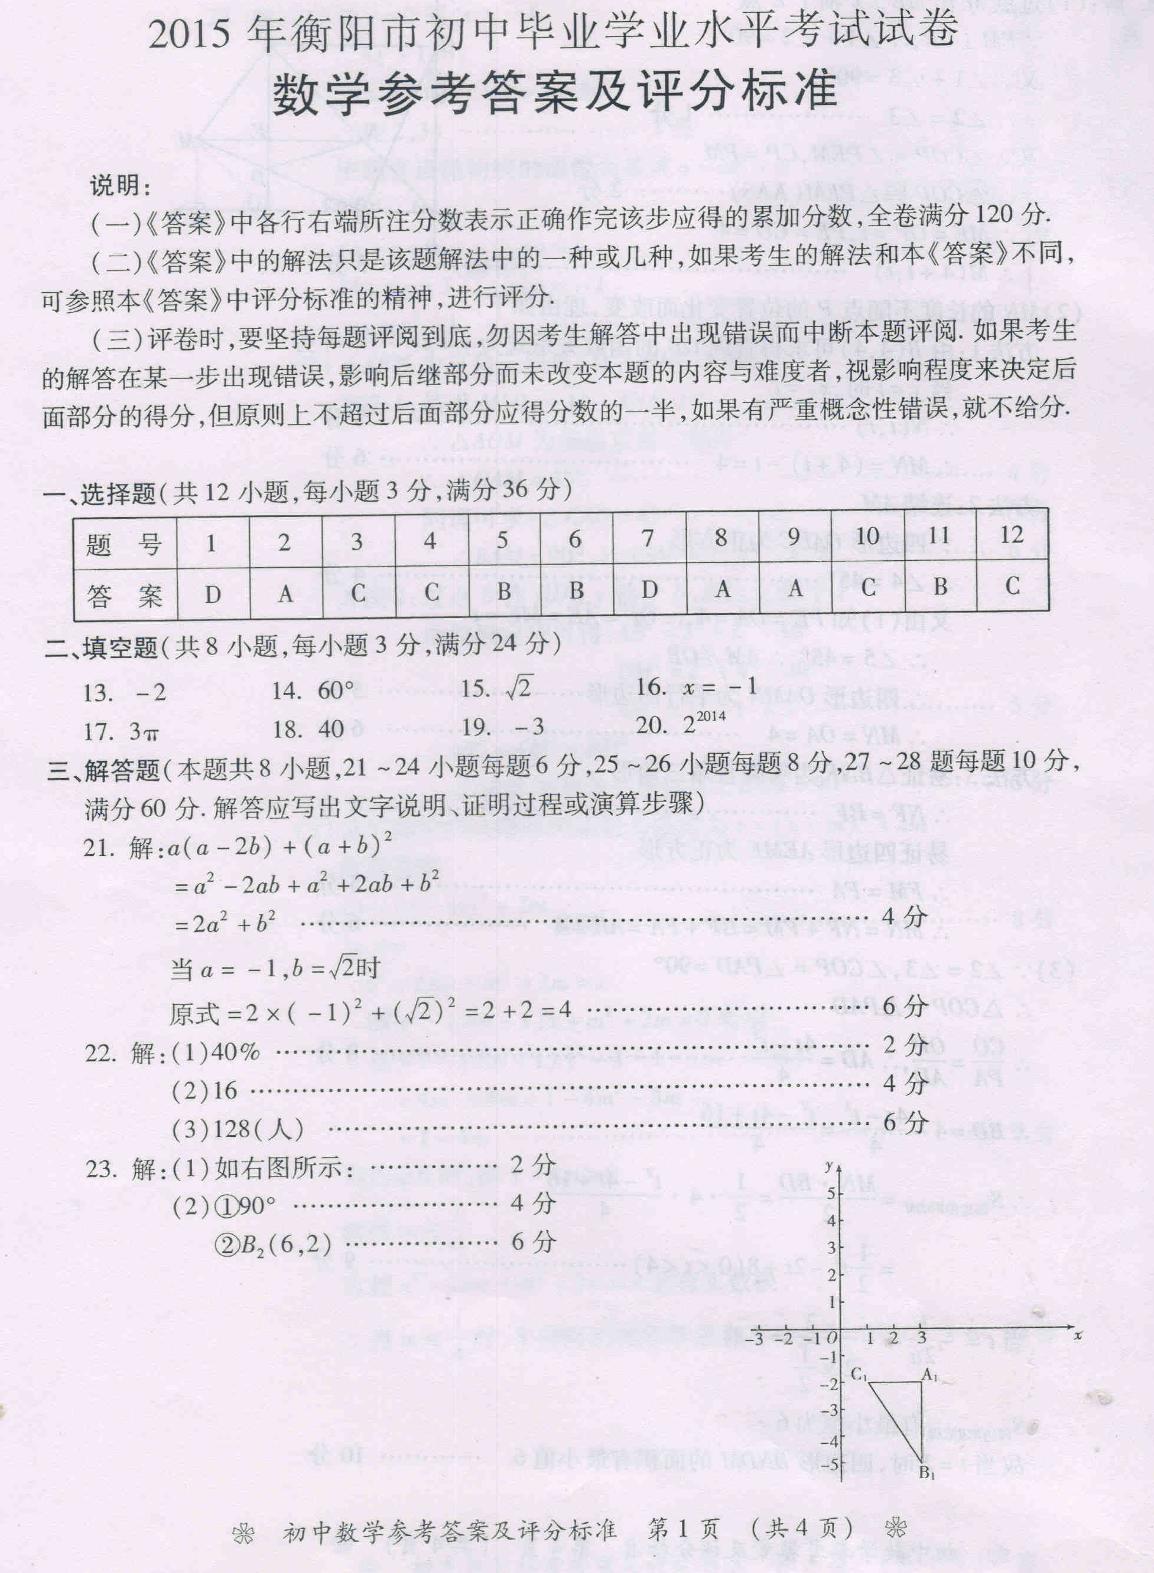 2015衡阳中考数学答案(图片版)